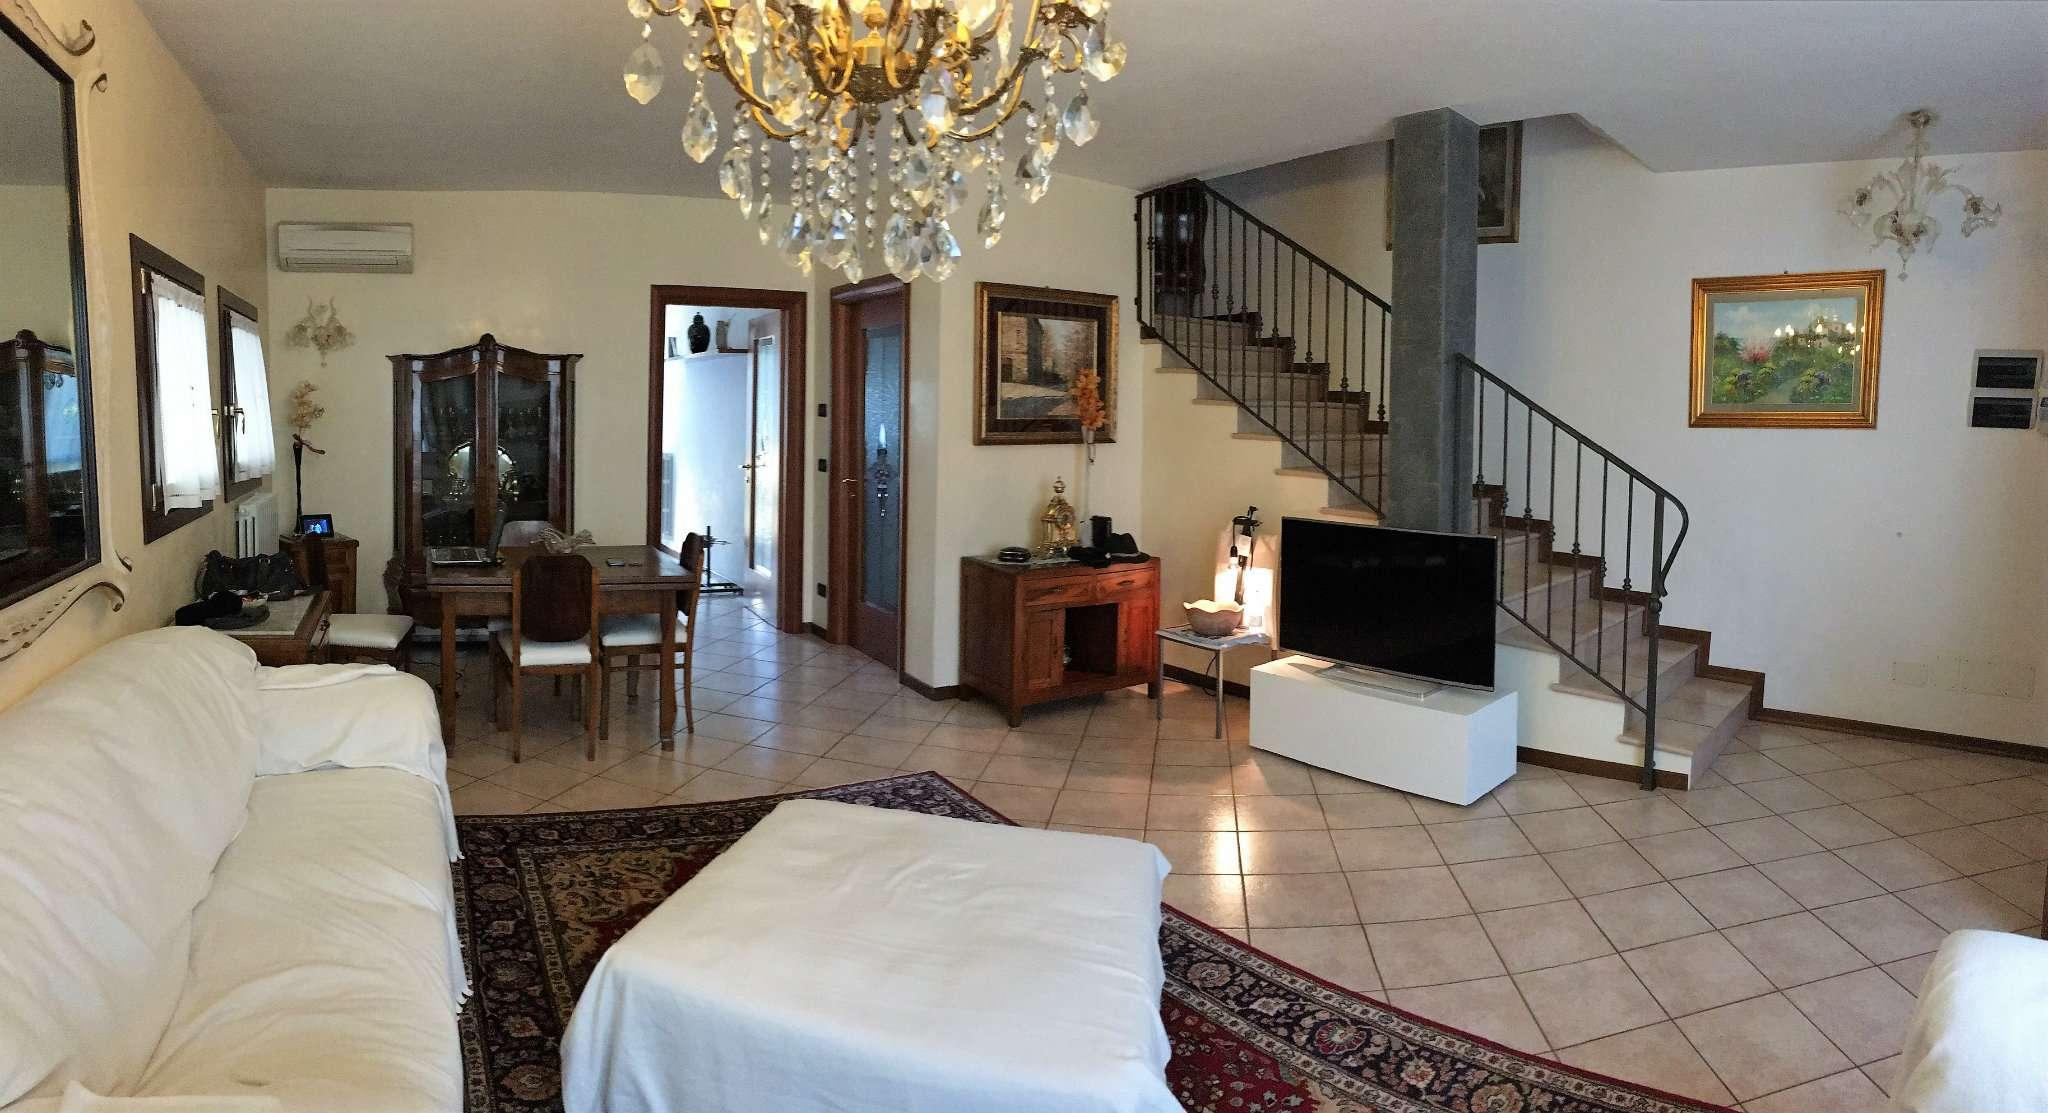 Villa in vendita a Mirano, 6 locali, prezzo € 295.000   Cambio Casa.it